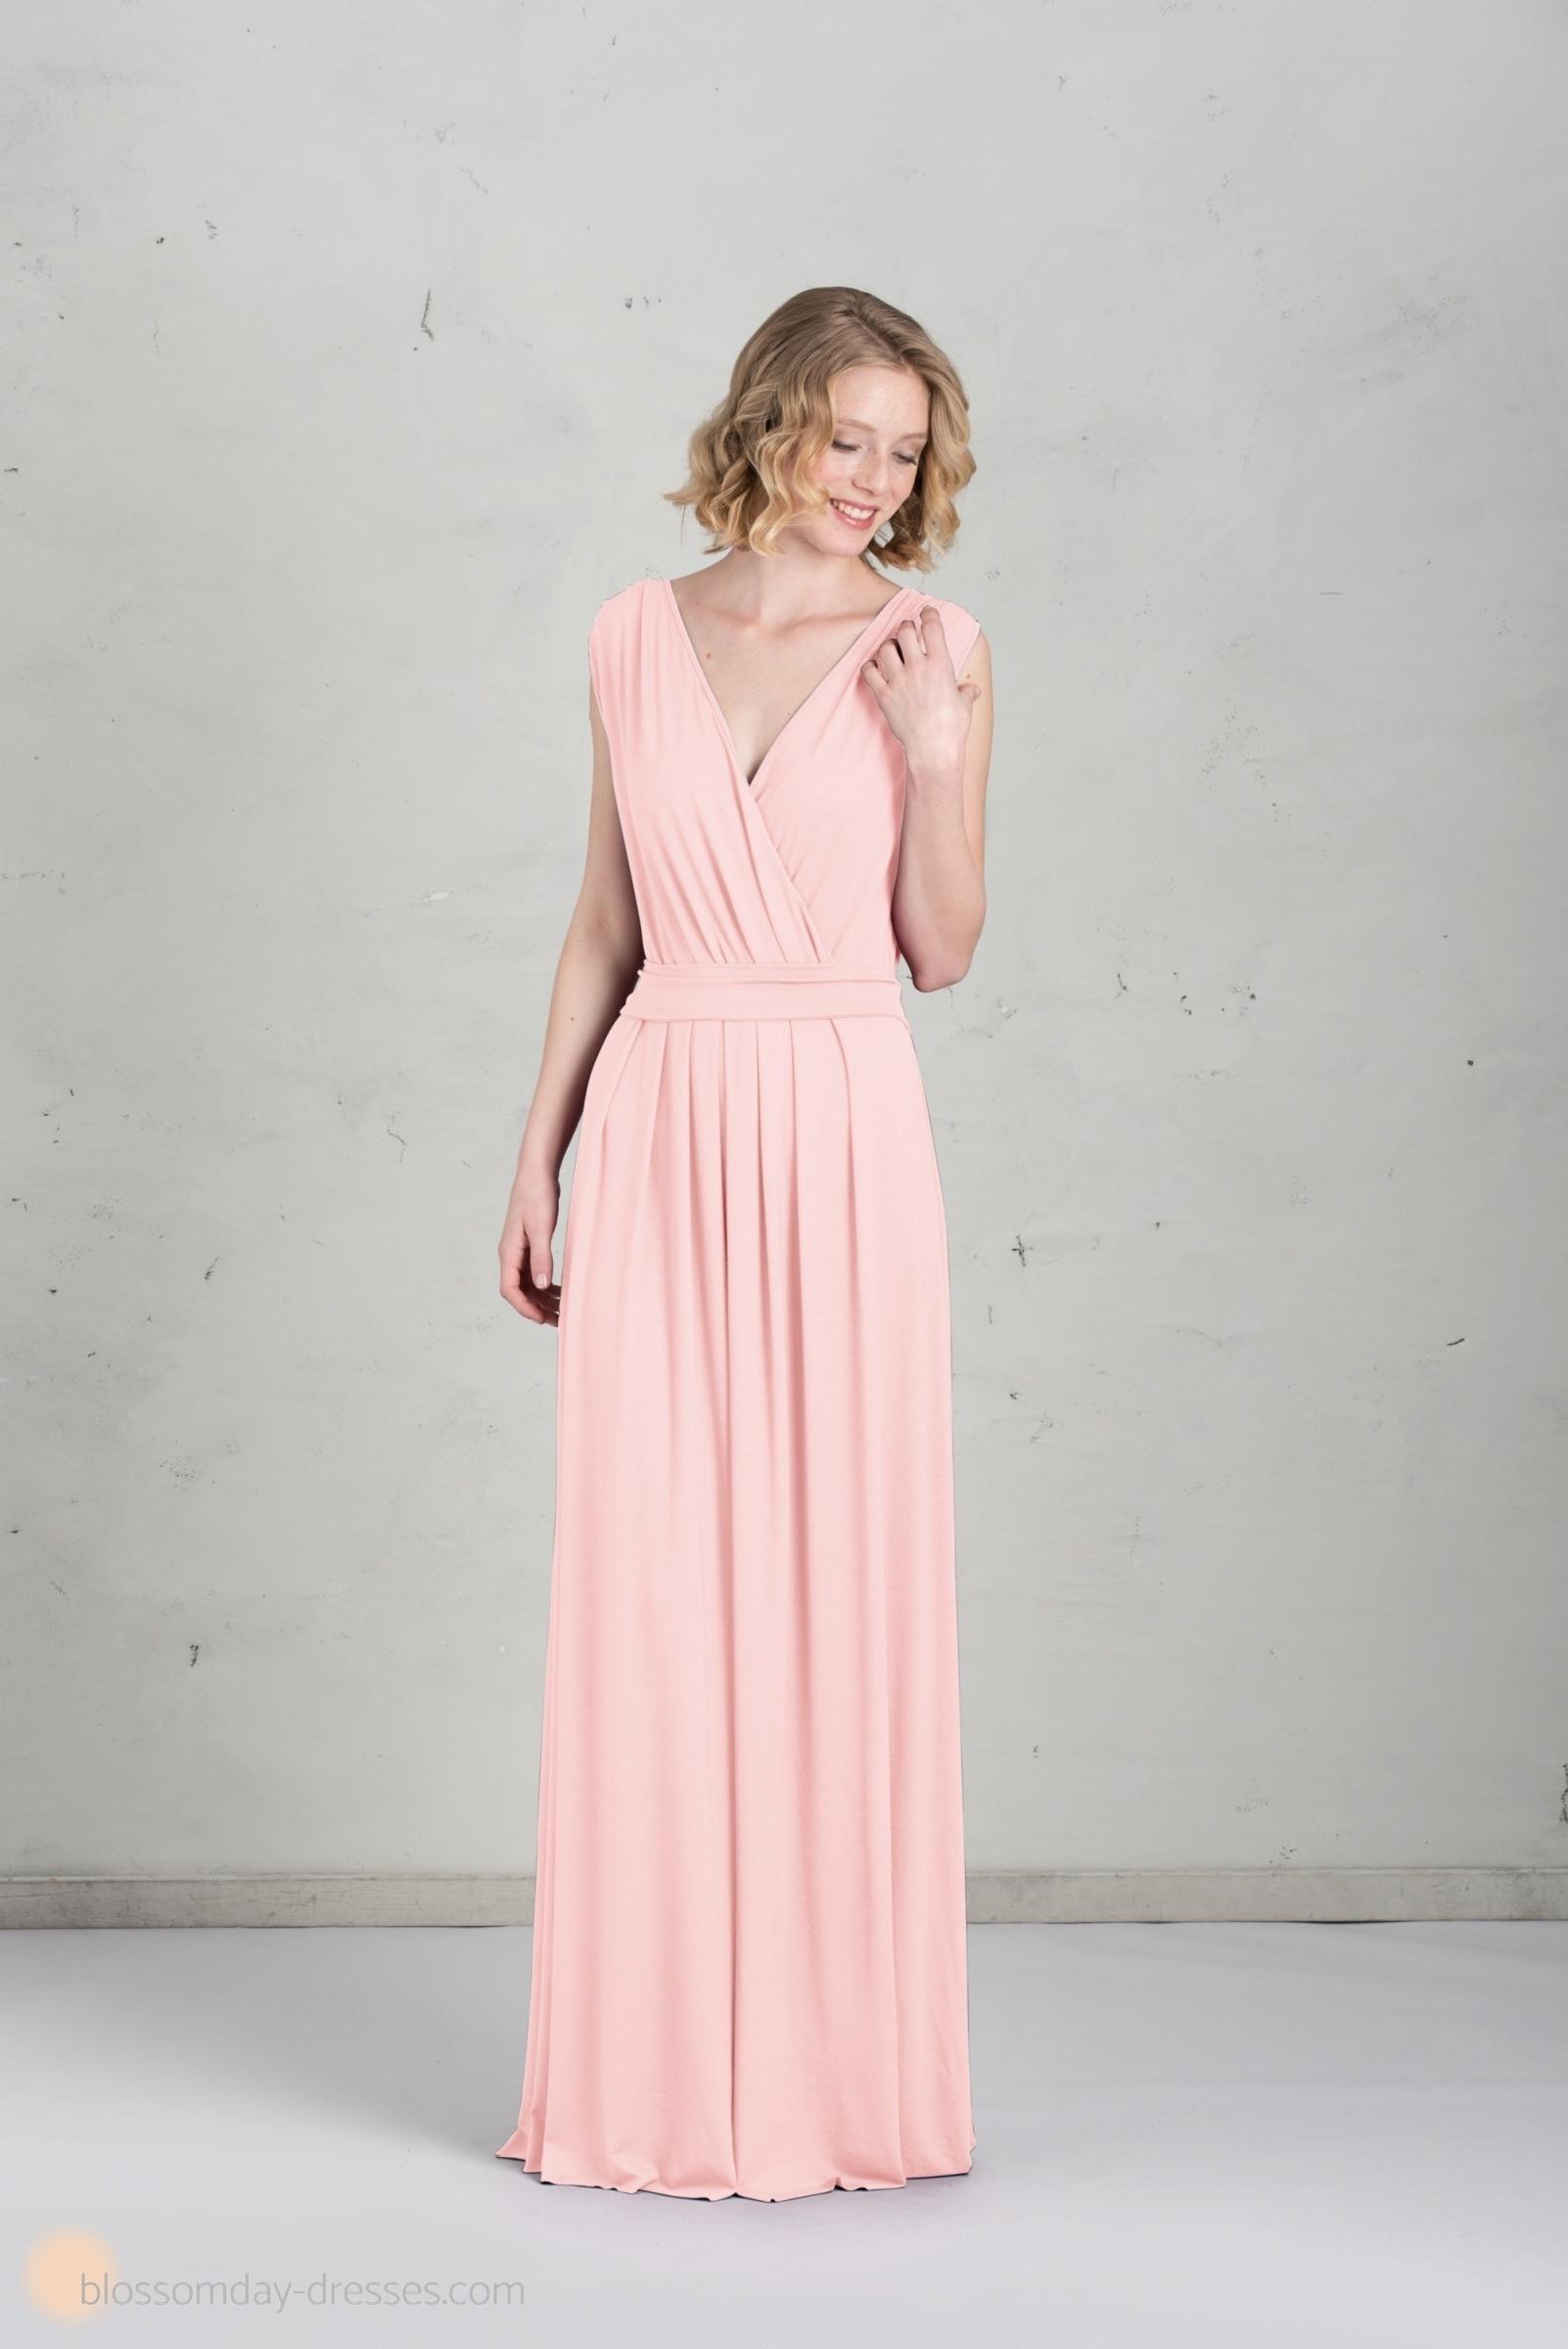 20 Einfach Rosa Kleid Lang GalerieDesigner Cool Rosa Kleid Lang Ärmel